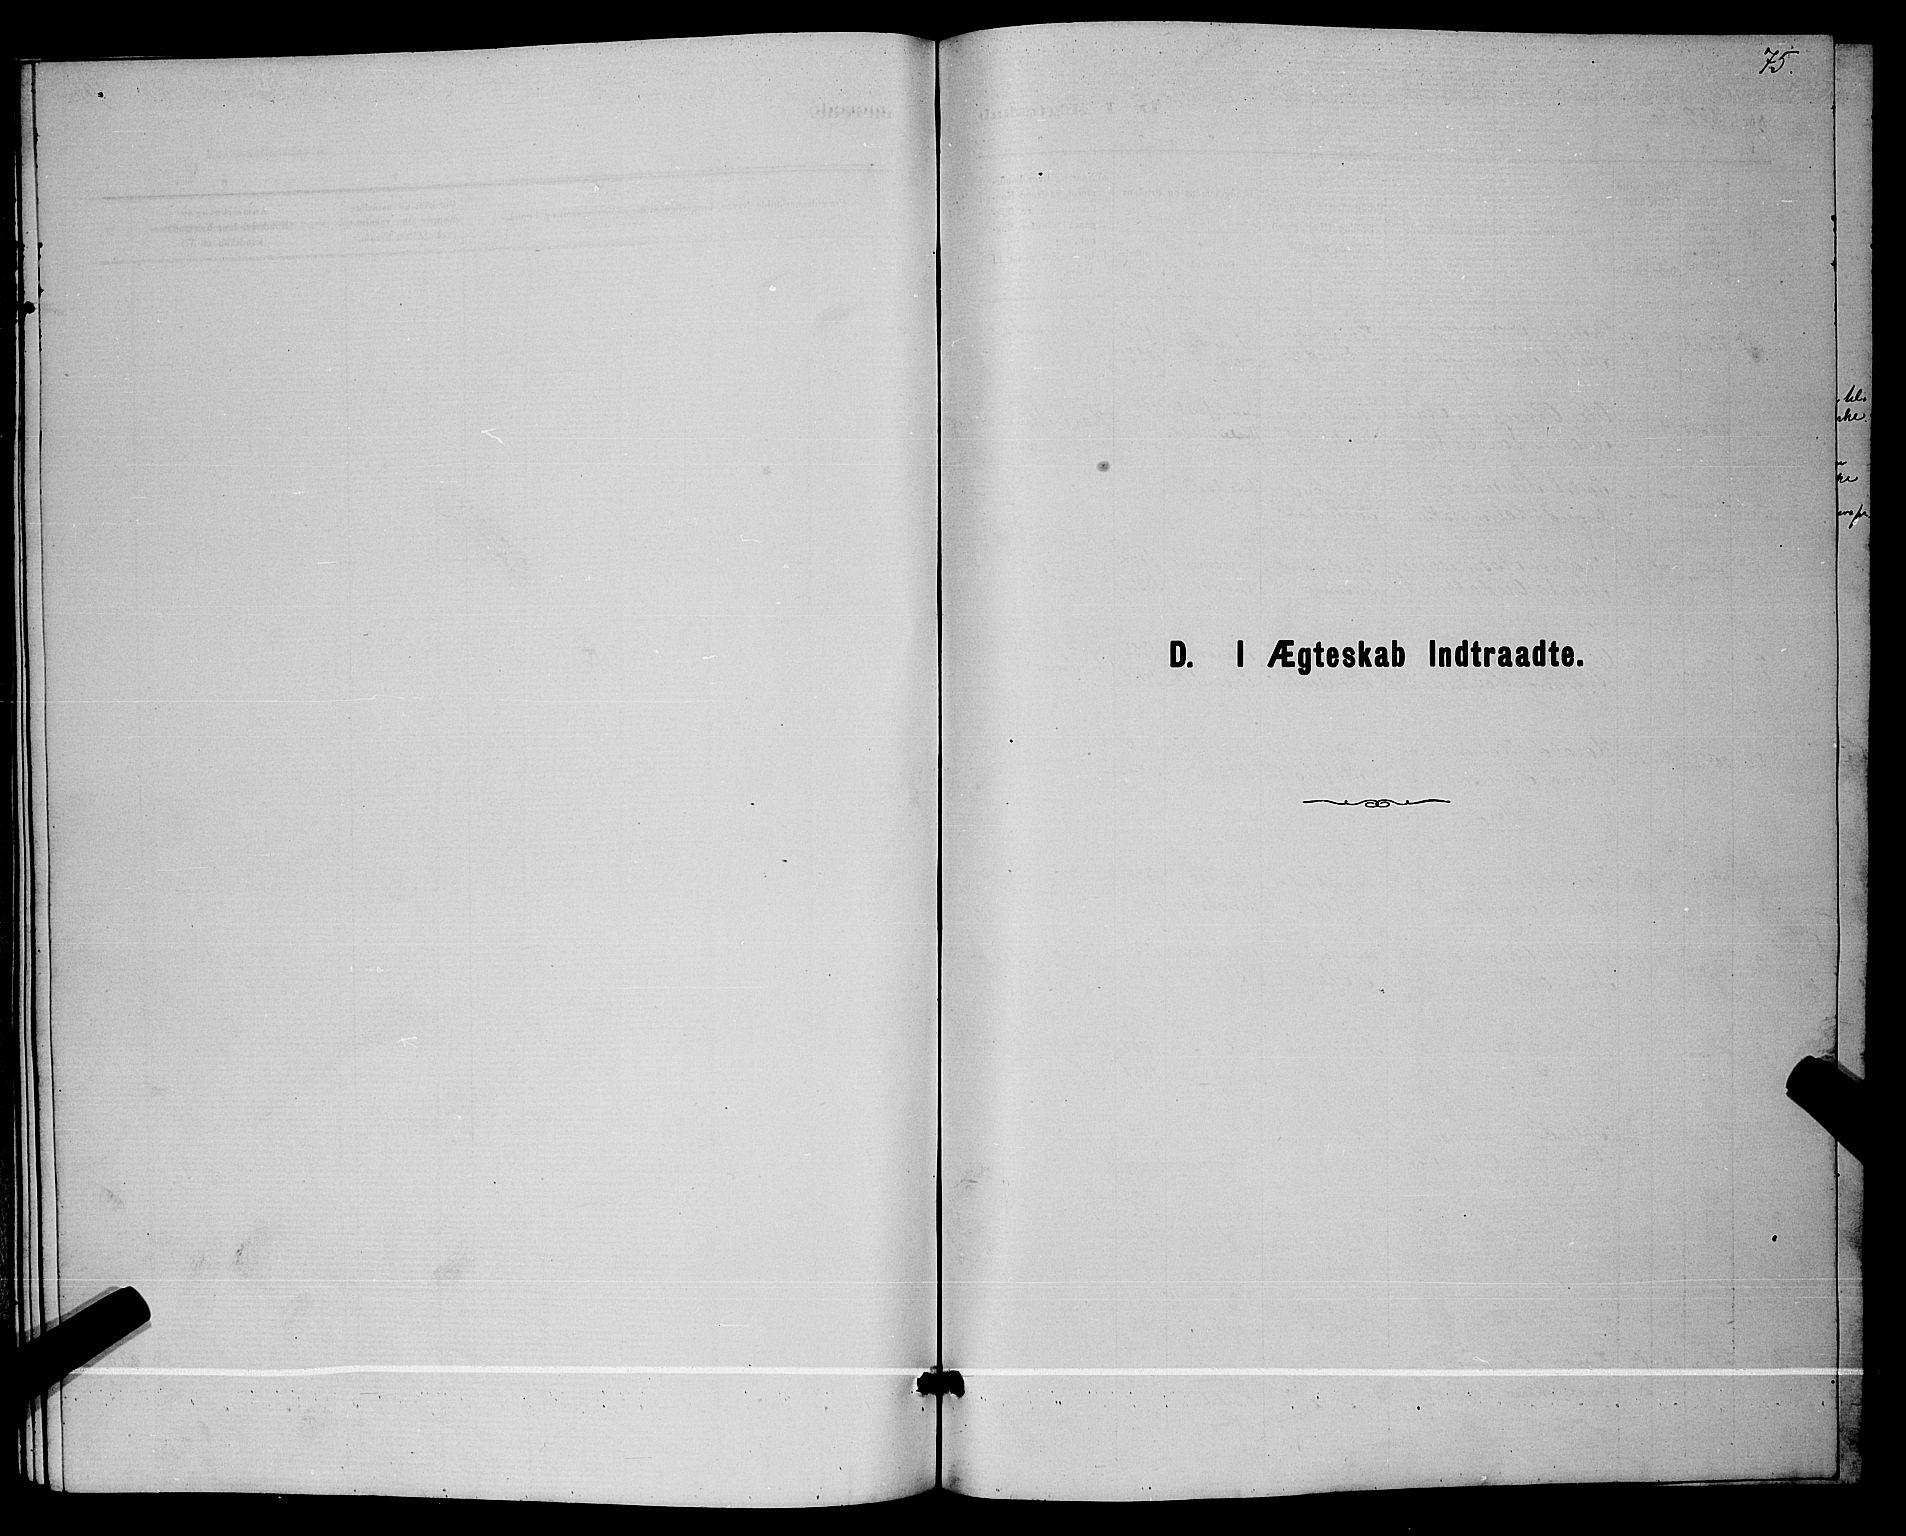 SAKO, Lunde kirkebøker, G/Ga/L0001b: Klokkerbok nr. I 1, 1879-1887, s. 75